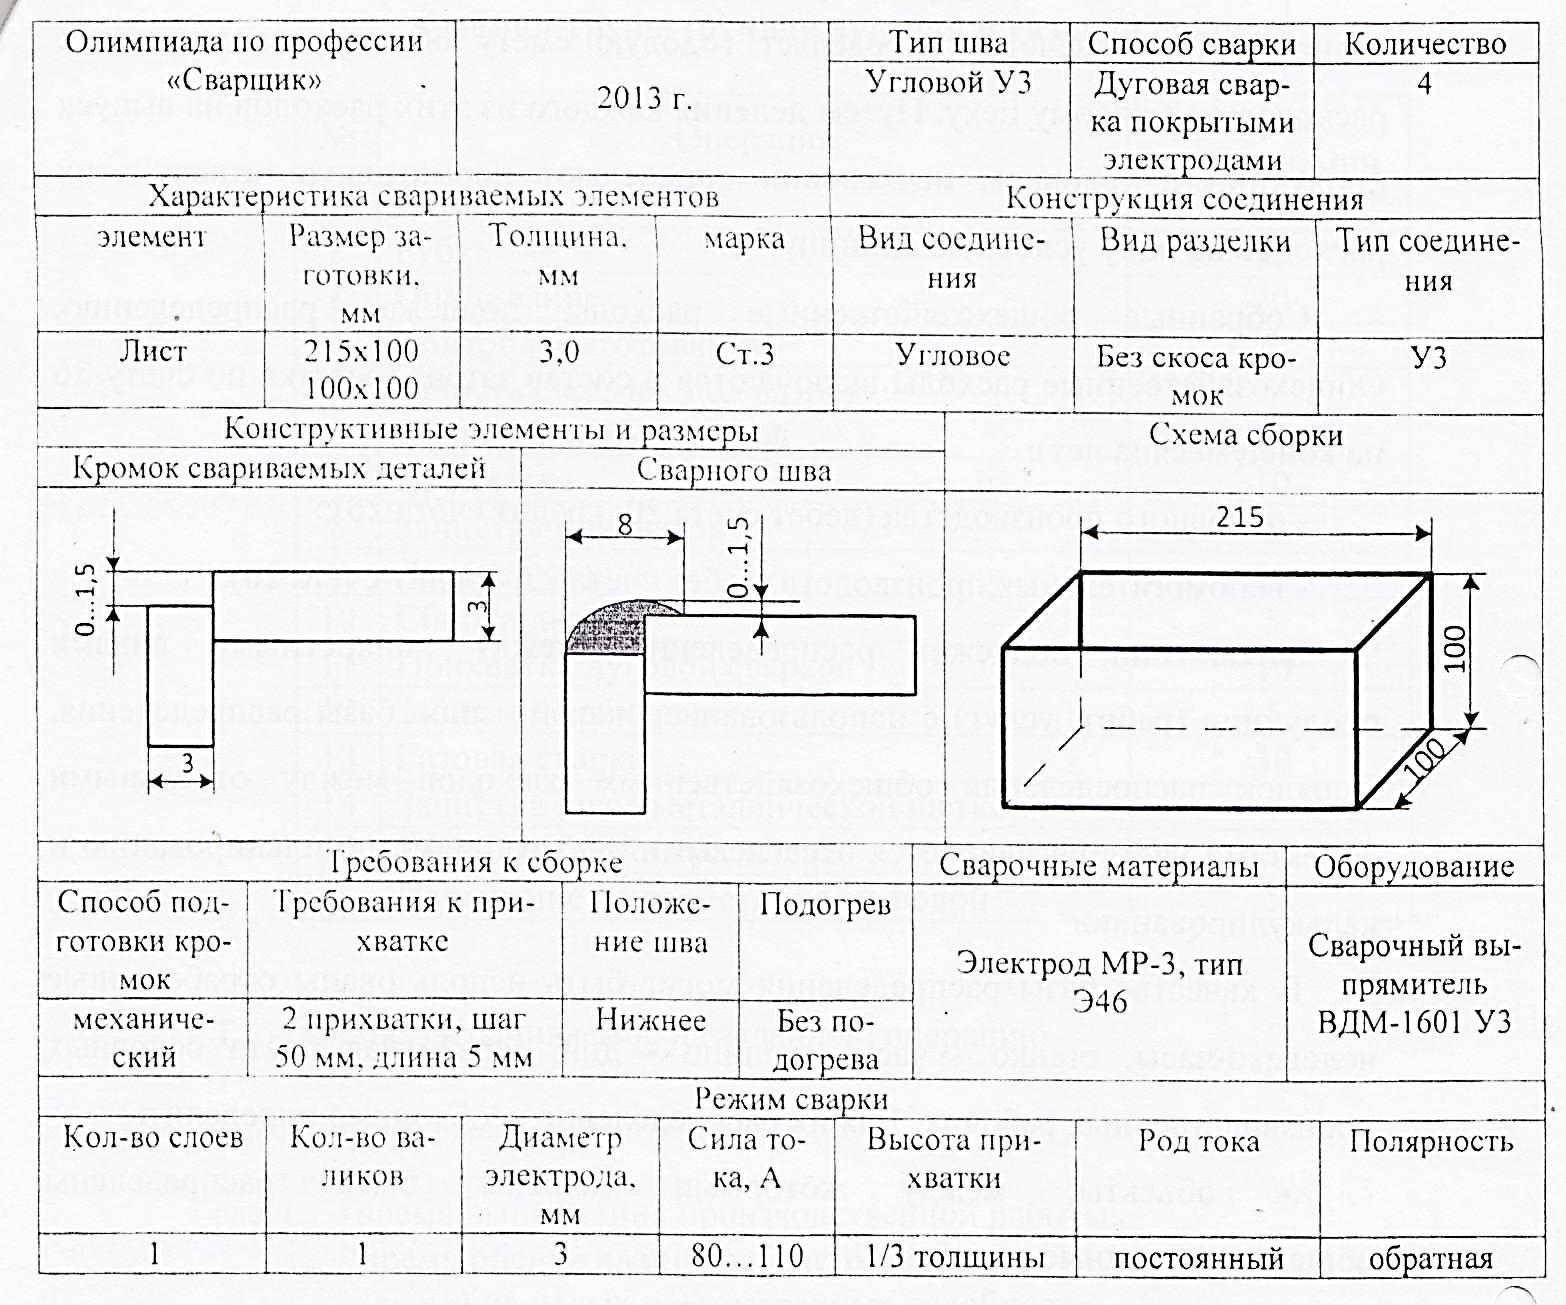 Технологическая карта на монтаж металлоконструкций атс методом дуговой сварки - скачать бесплатно